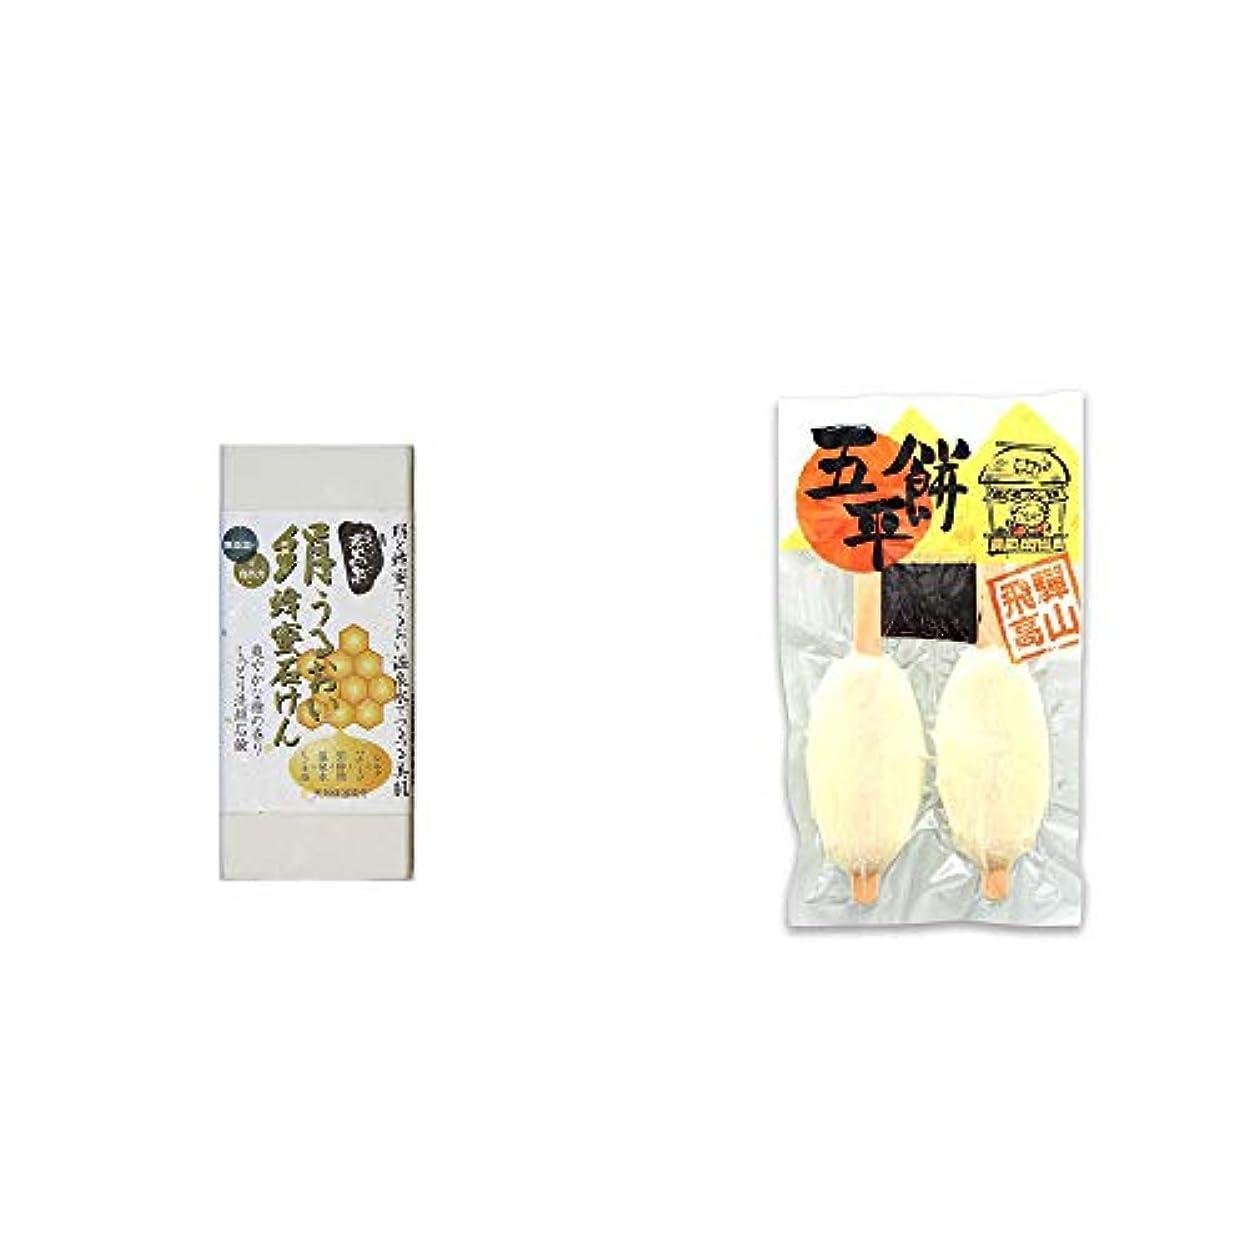 露出度の高いドット受け皿[2点セット] ひのき炭黒泉 絹うるおい蜂蜜石けん(75g×2)?飛騨高山 木や 五平餅(2本入)